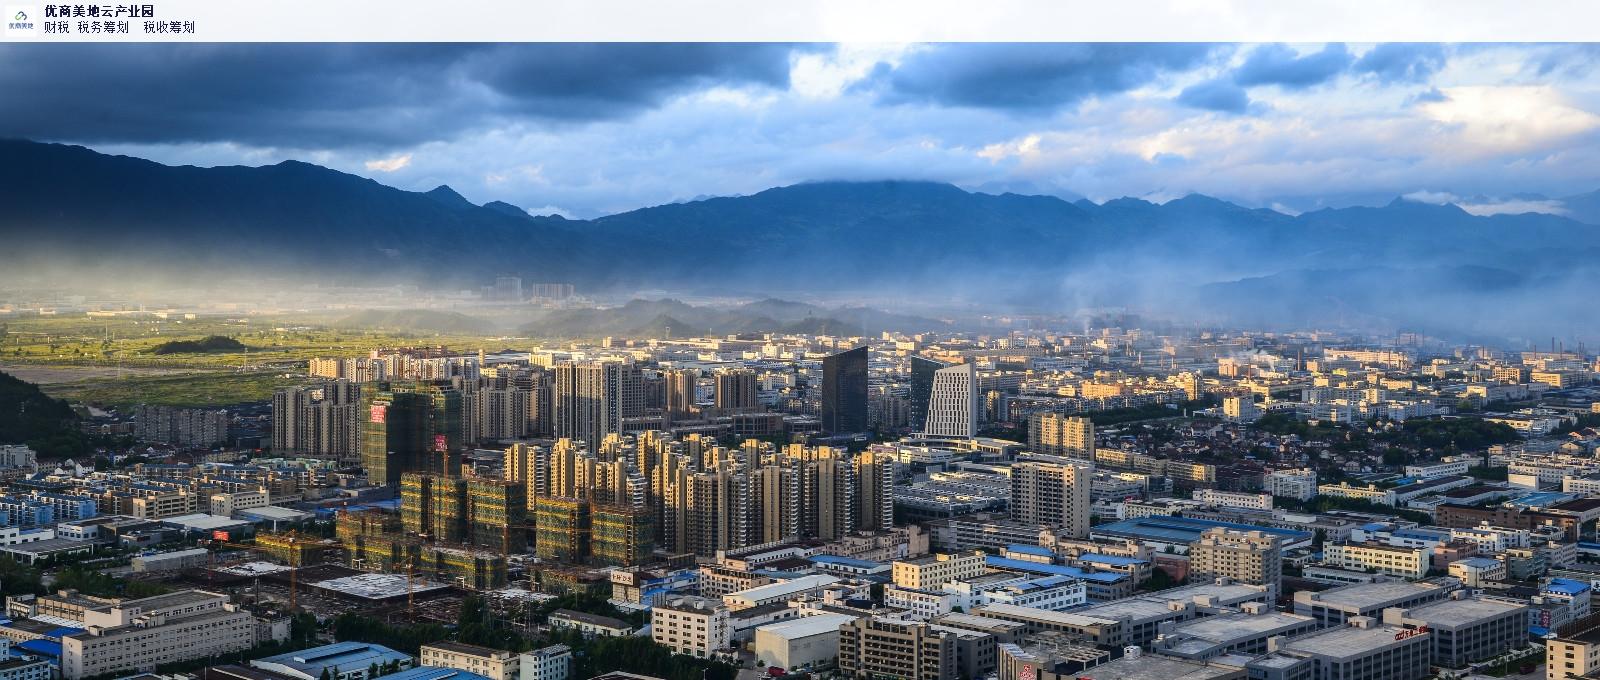 上海退休人员找工作灵活用工收费,灵活用工